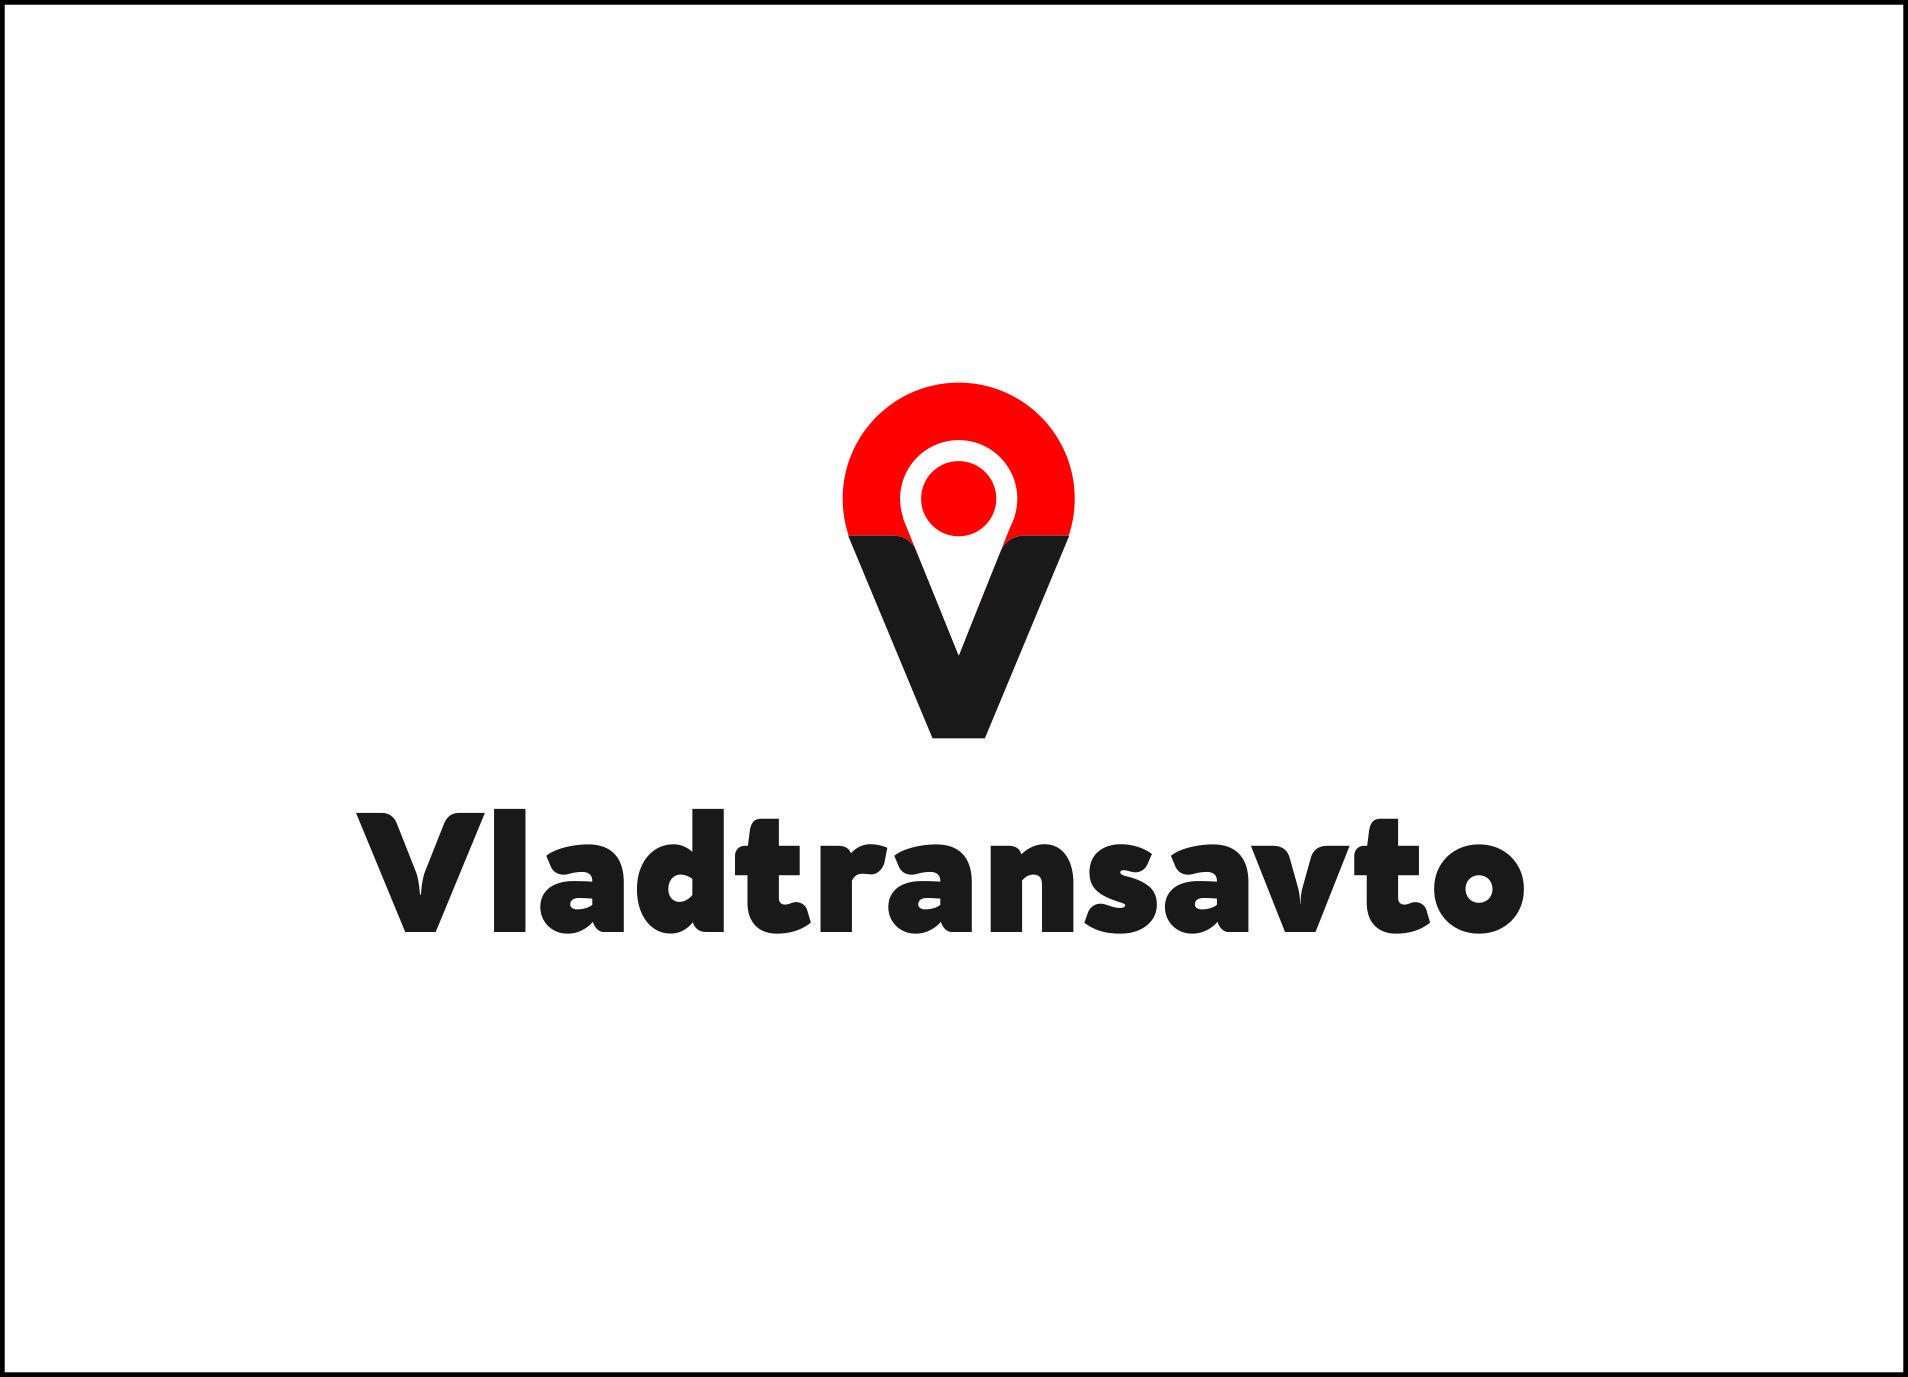 Логотип и фирменный стиль для транспортной компании Владтрансавто фото f_7085cdd4ead2c05d.jpg